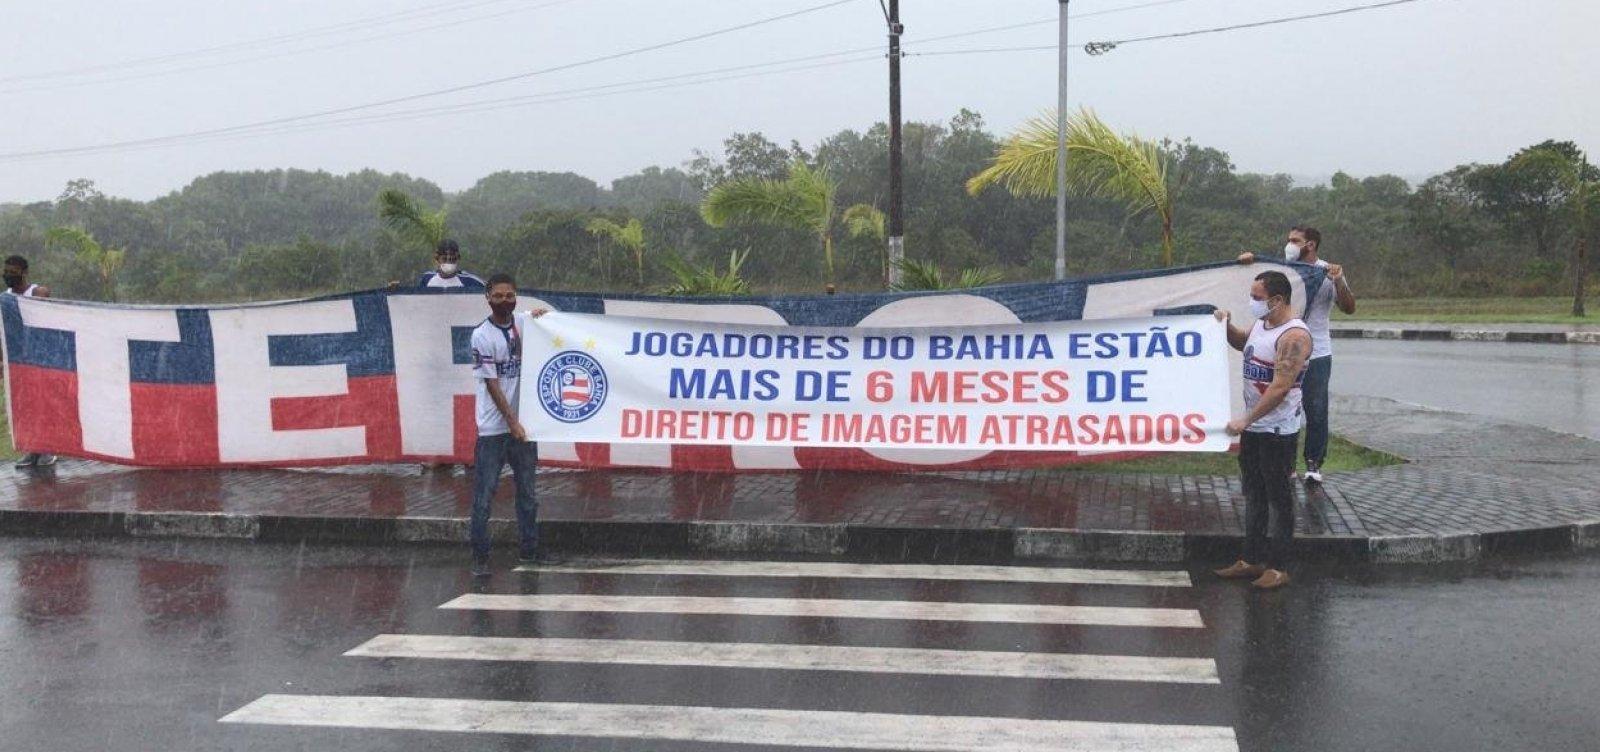 [Torcedores do Bahia promovem protesto e se encontram com jogadores no CT ]